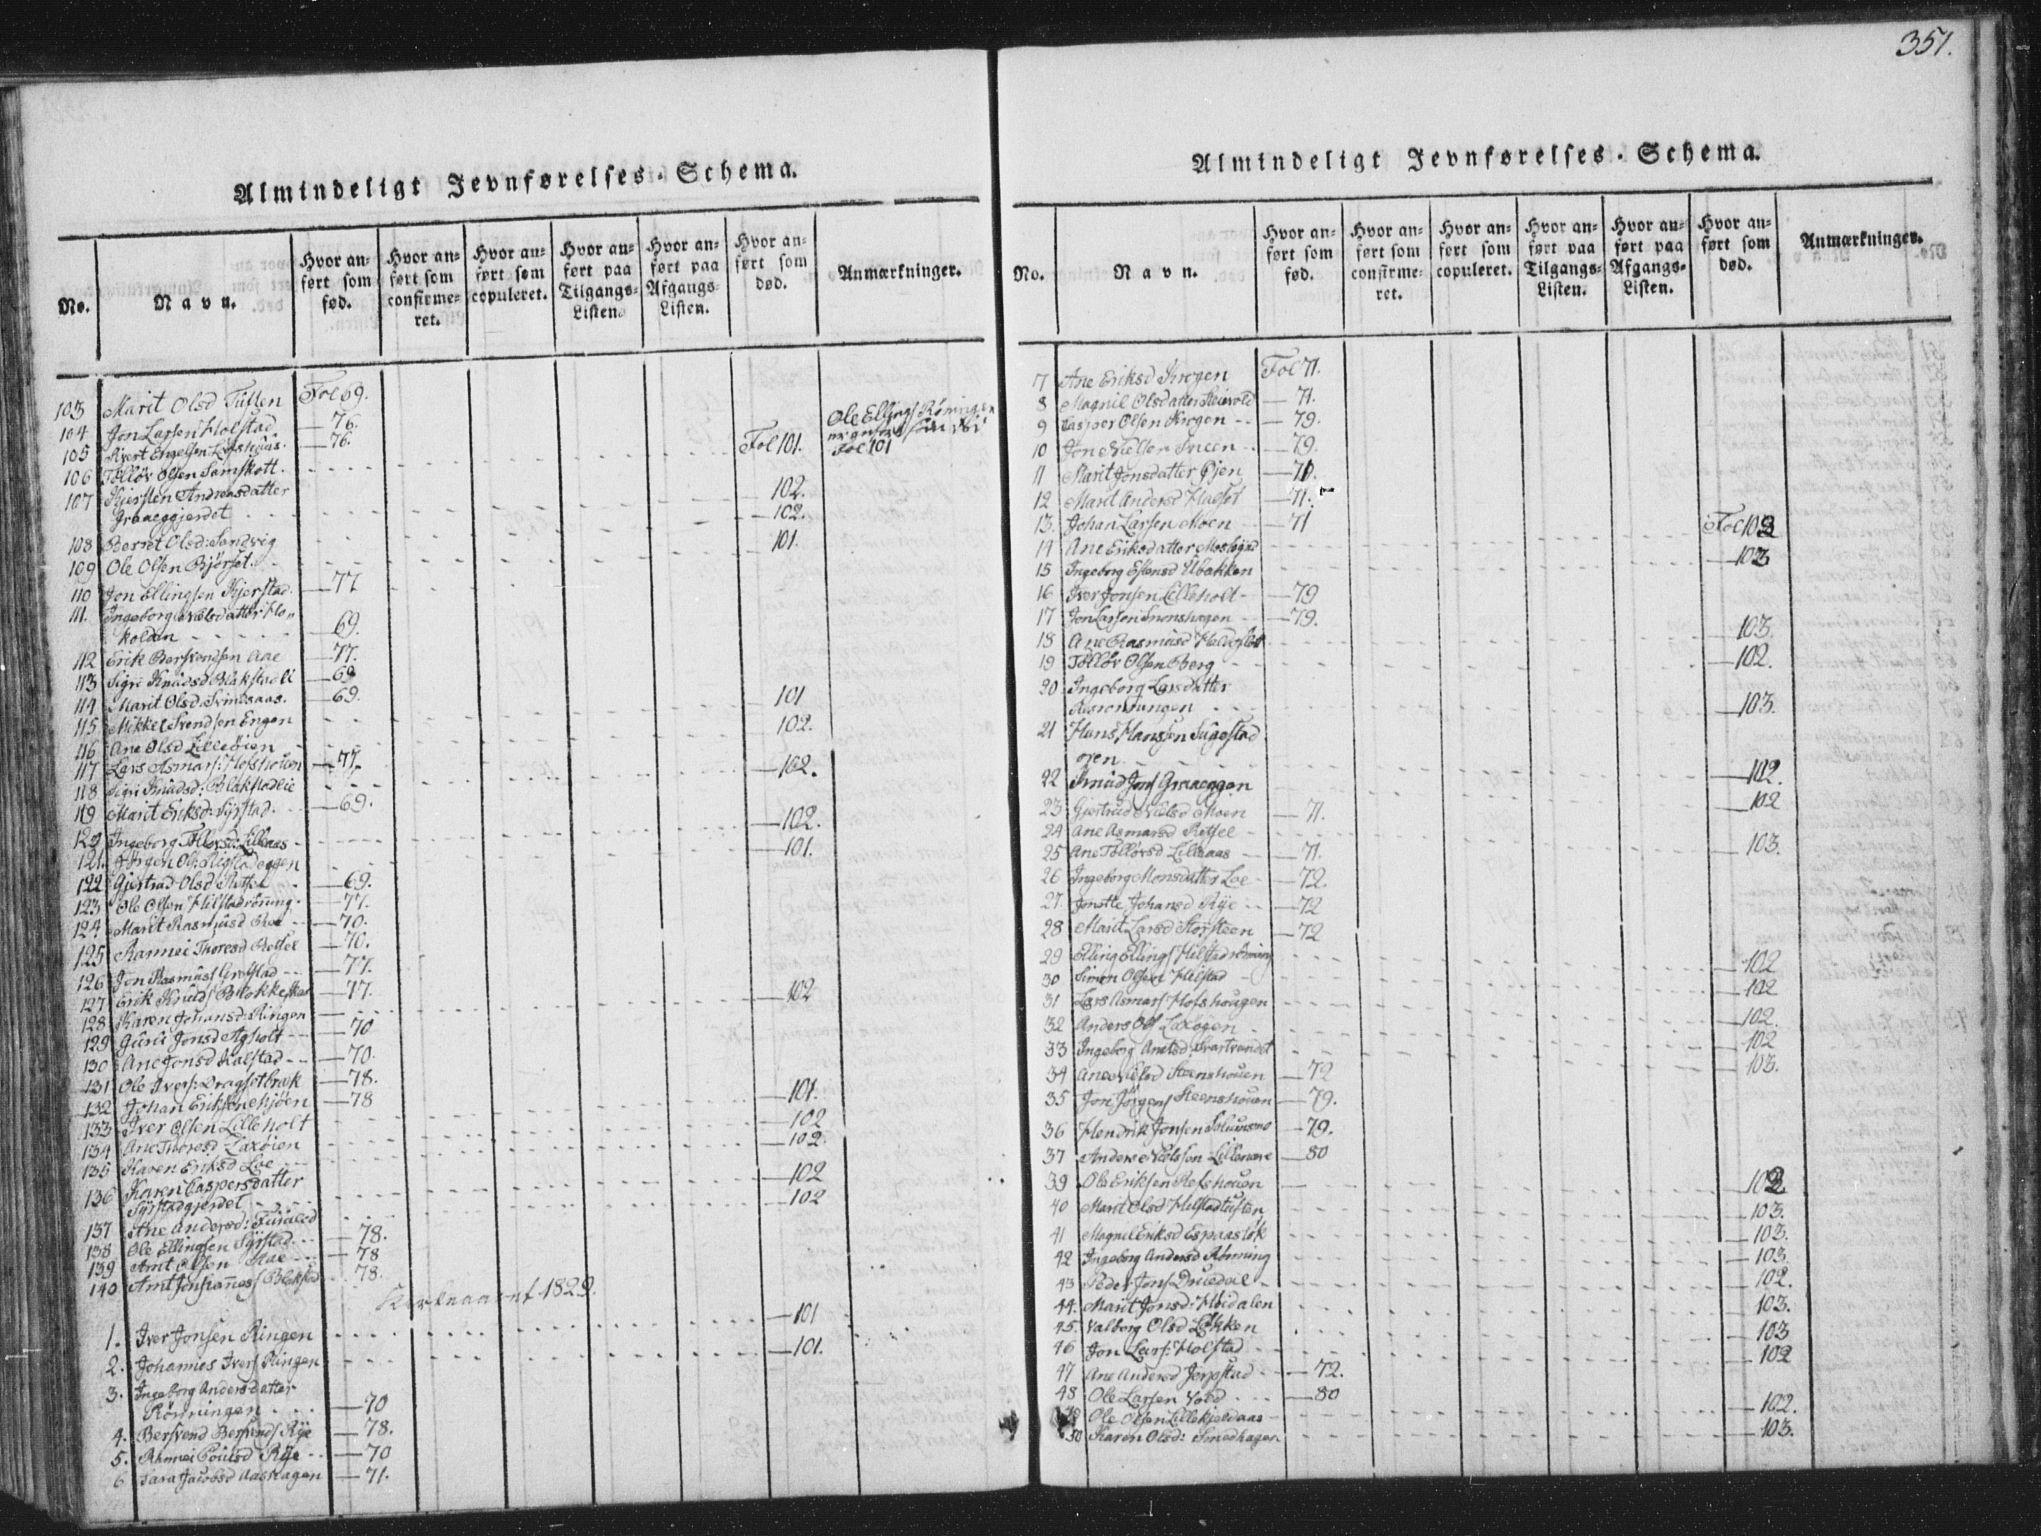 SAT, Ministerialprotokoller, klokkerbøker og fødselsregistre - Sør-Trøndelag, 672/L0862: Klokkerbok nr. 672C01, 1816-1831, s. 351